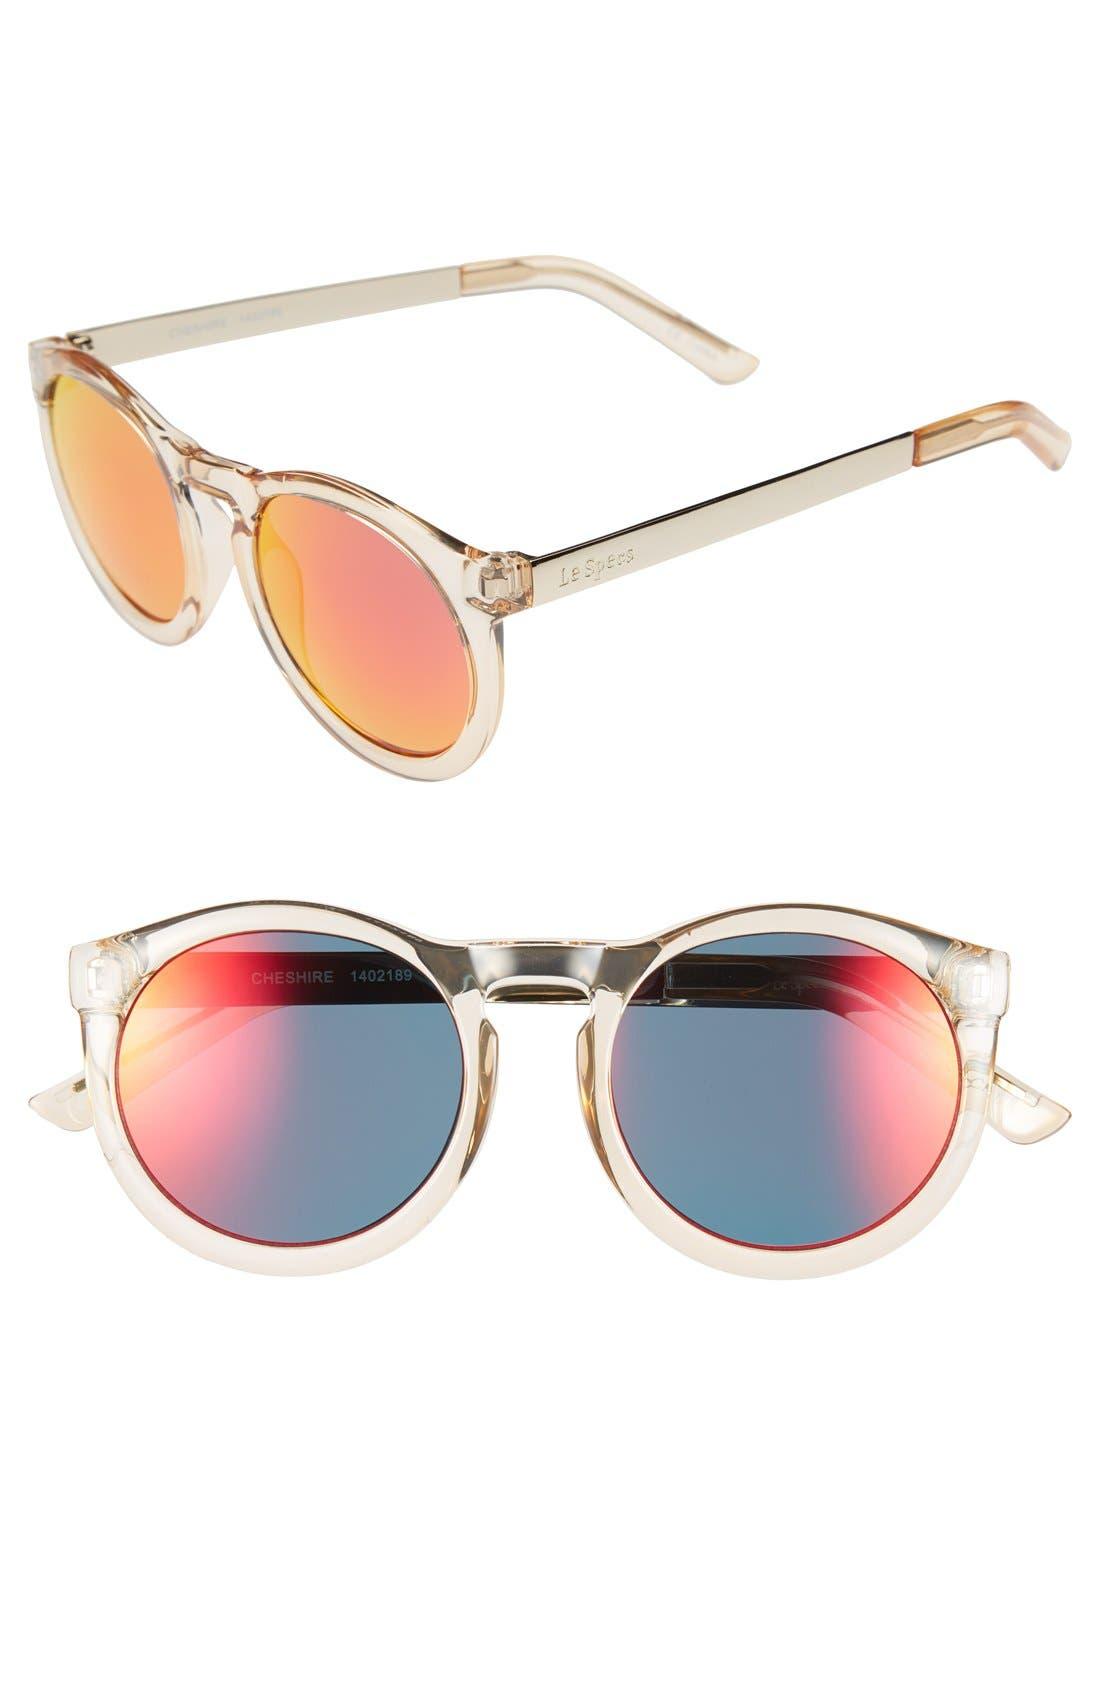 Main Image - Le Specs 'Chesire' Sunglasses